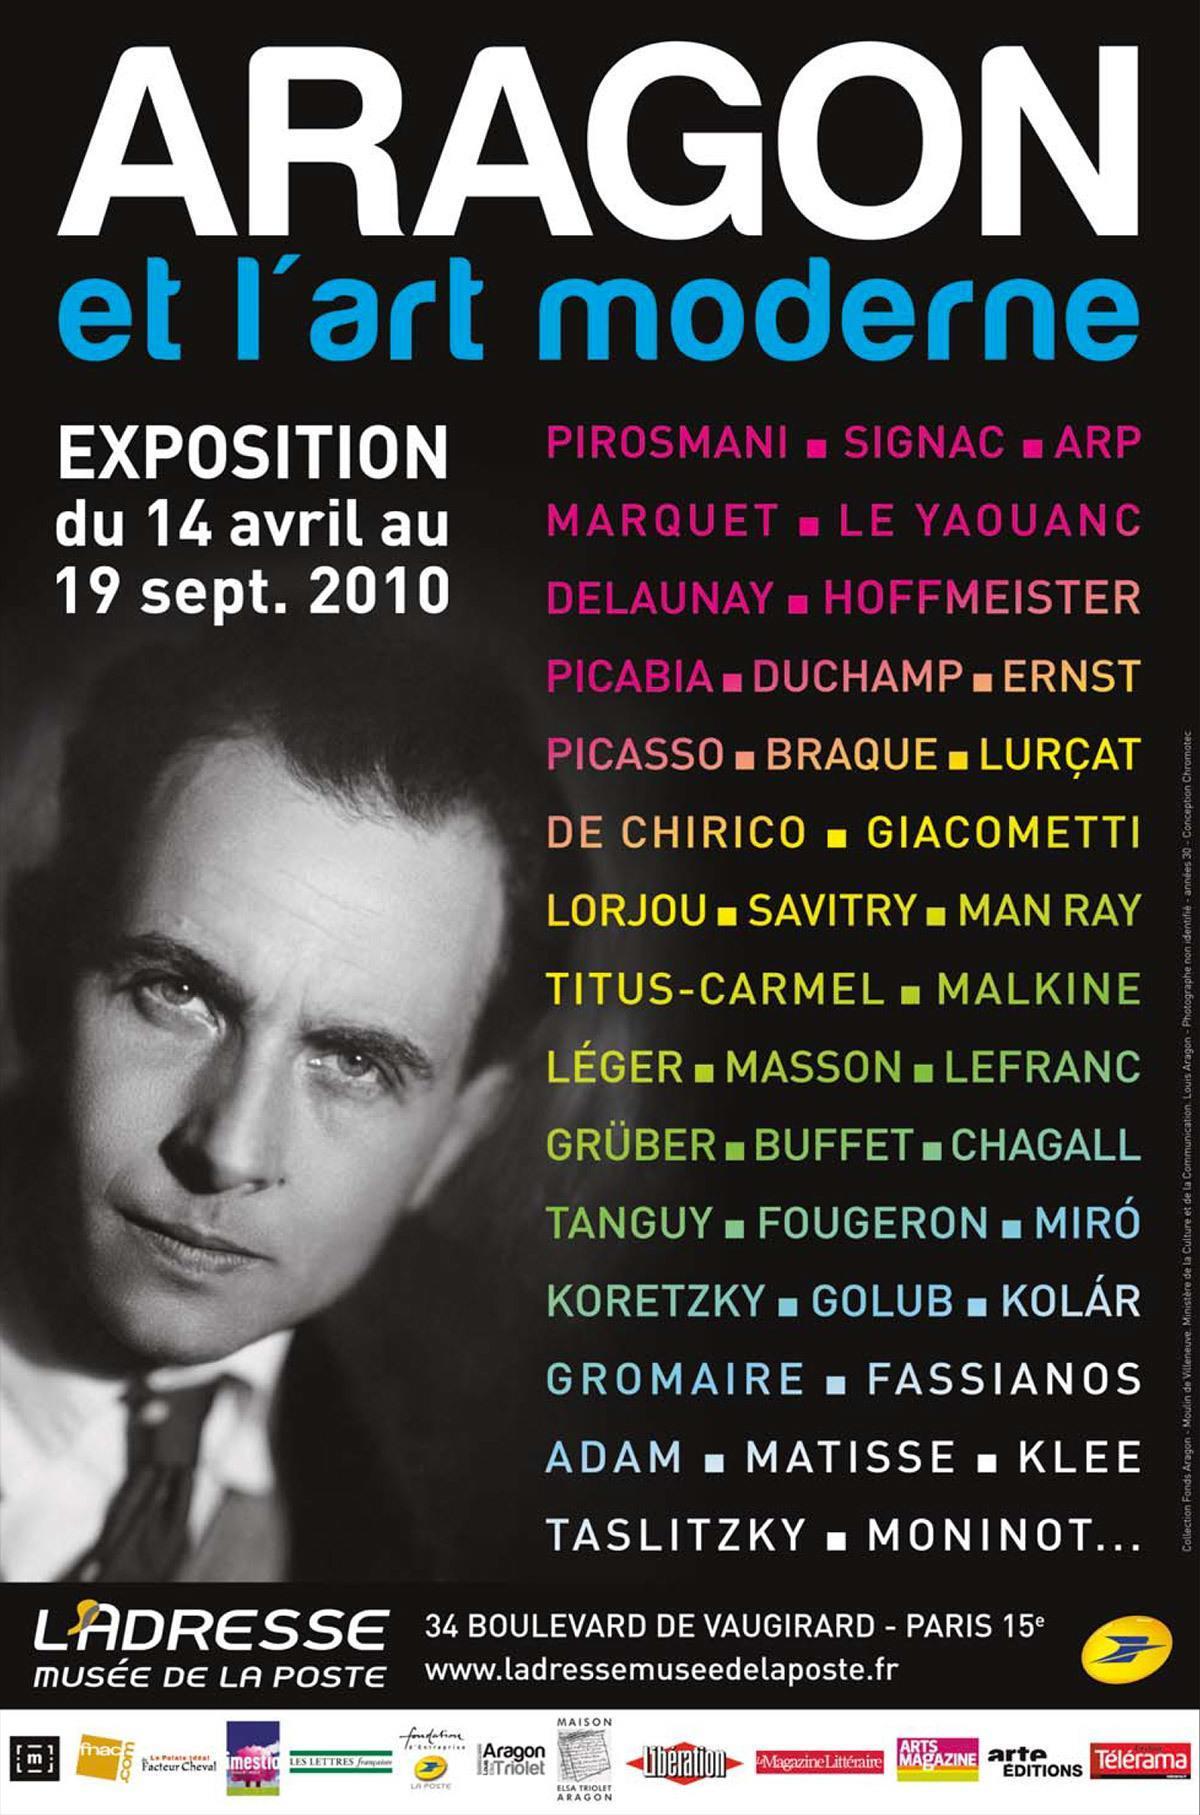 Archives Le Yaouanc. Photo: Luc Delaborde